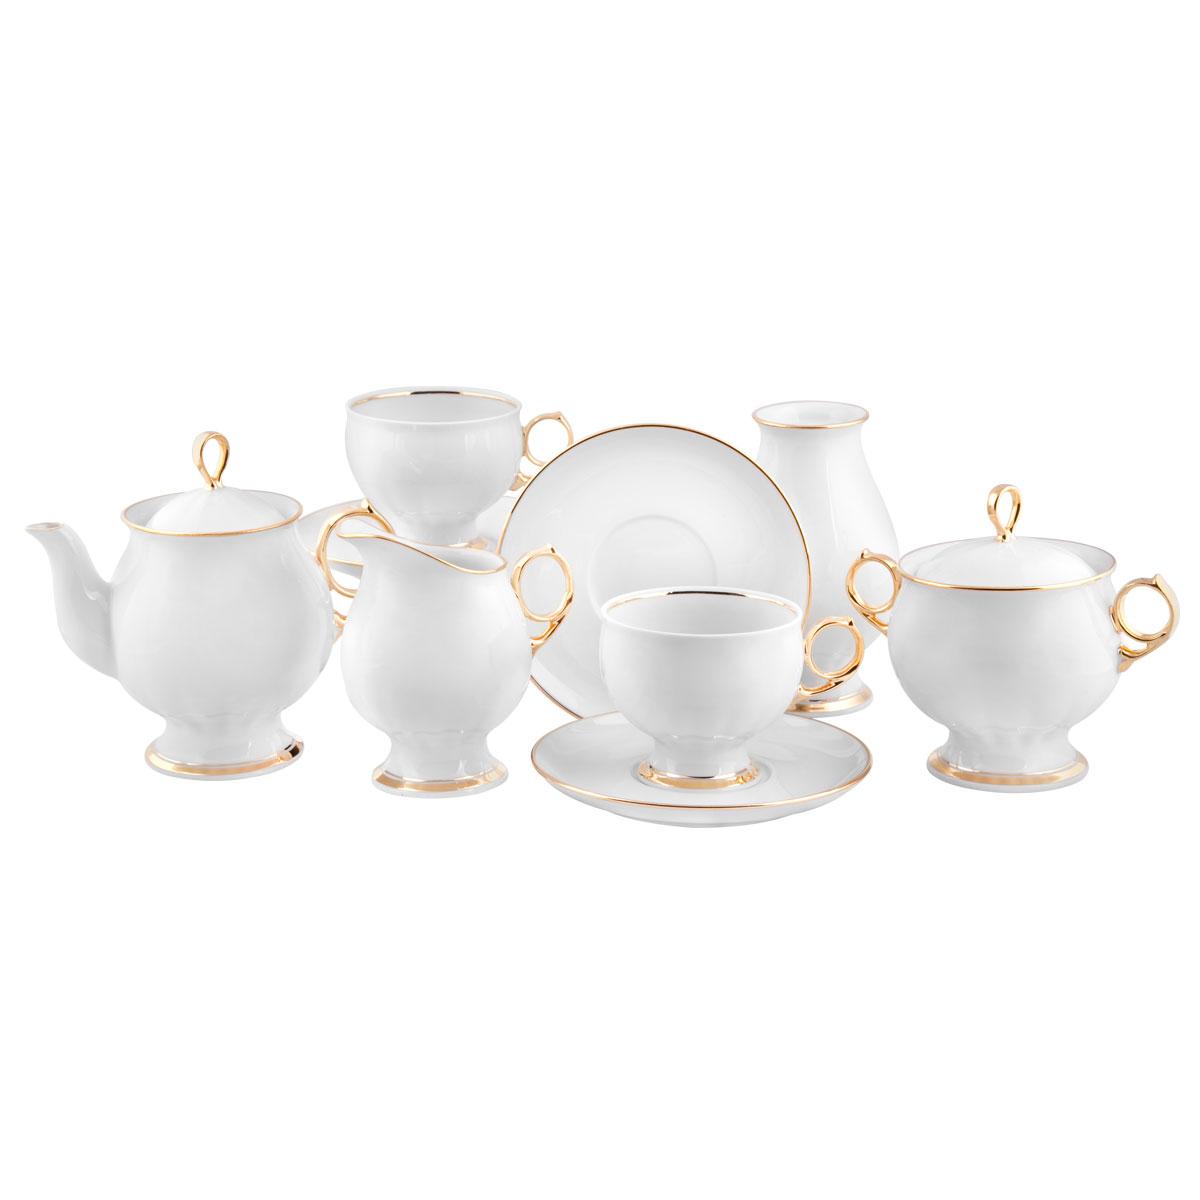 Сервиз чайный Башфарфор Золотая ручка, 16 предметовСЧН 12.16.2.Ж11Сервиз чайный из белого фарфора рассчитан на 6 персон. Тонкий белый фарфор украшен золотым орнаментом. Удобная, практичная, легкая посуда, подходит и для особых случаев и на каждый день. В состав набора входит: чашка 250мл 6 шт, блюдце 14,5см 6 шт, сахарница 300мл 1шт, чайник 600мл 1 шт, Молочник 250мл 1шт, ваза 1шт.